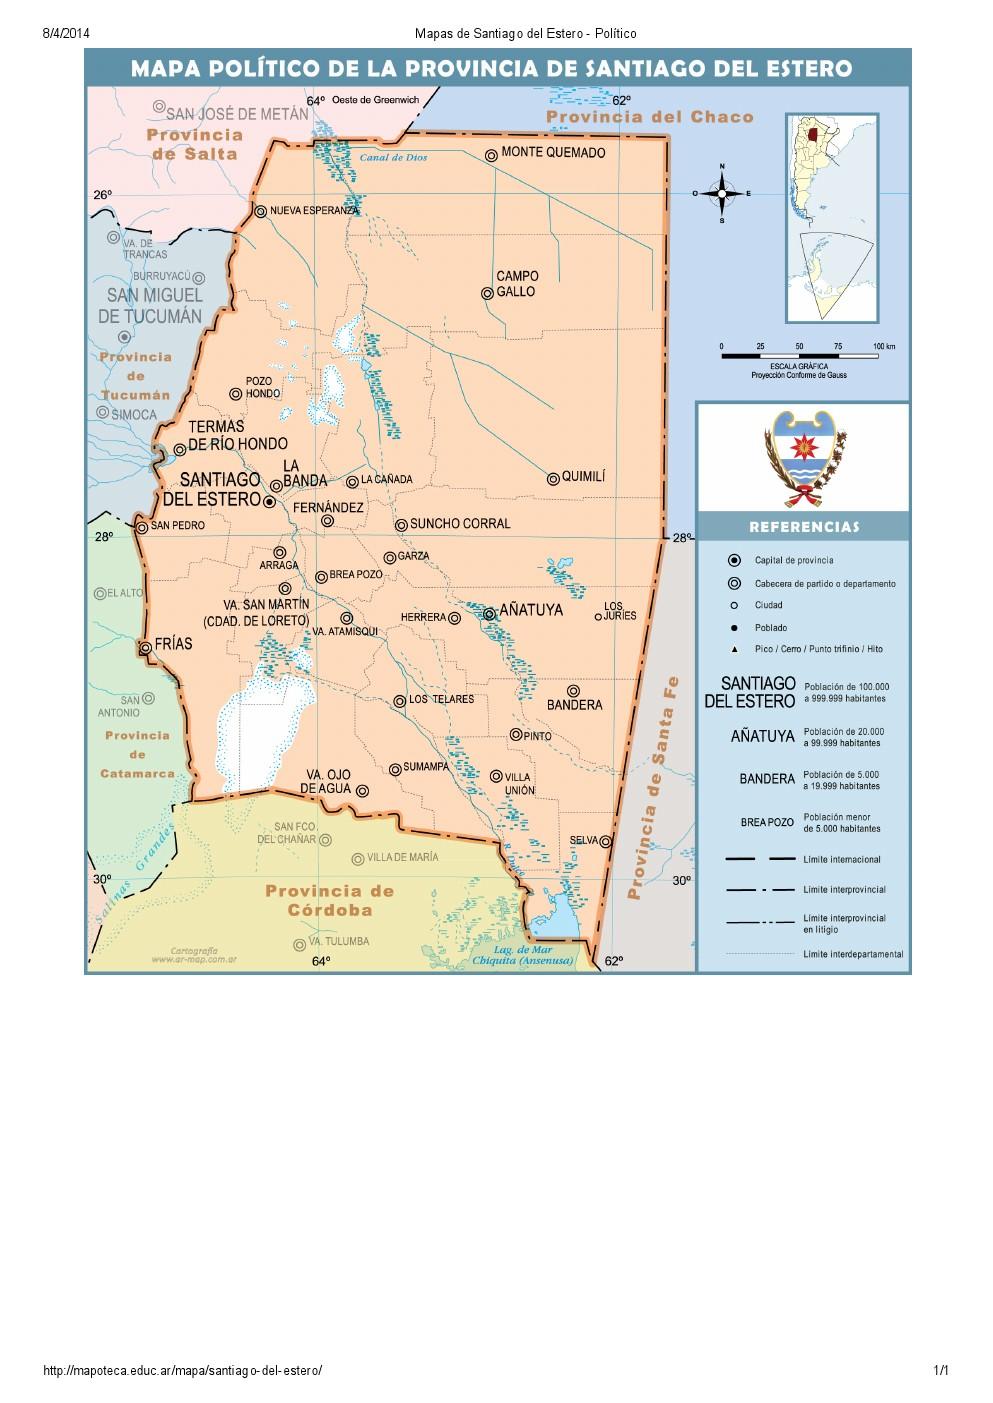 Mapa de capitales de Santiago del Estero. Mapoteca de Educ.ar